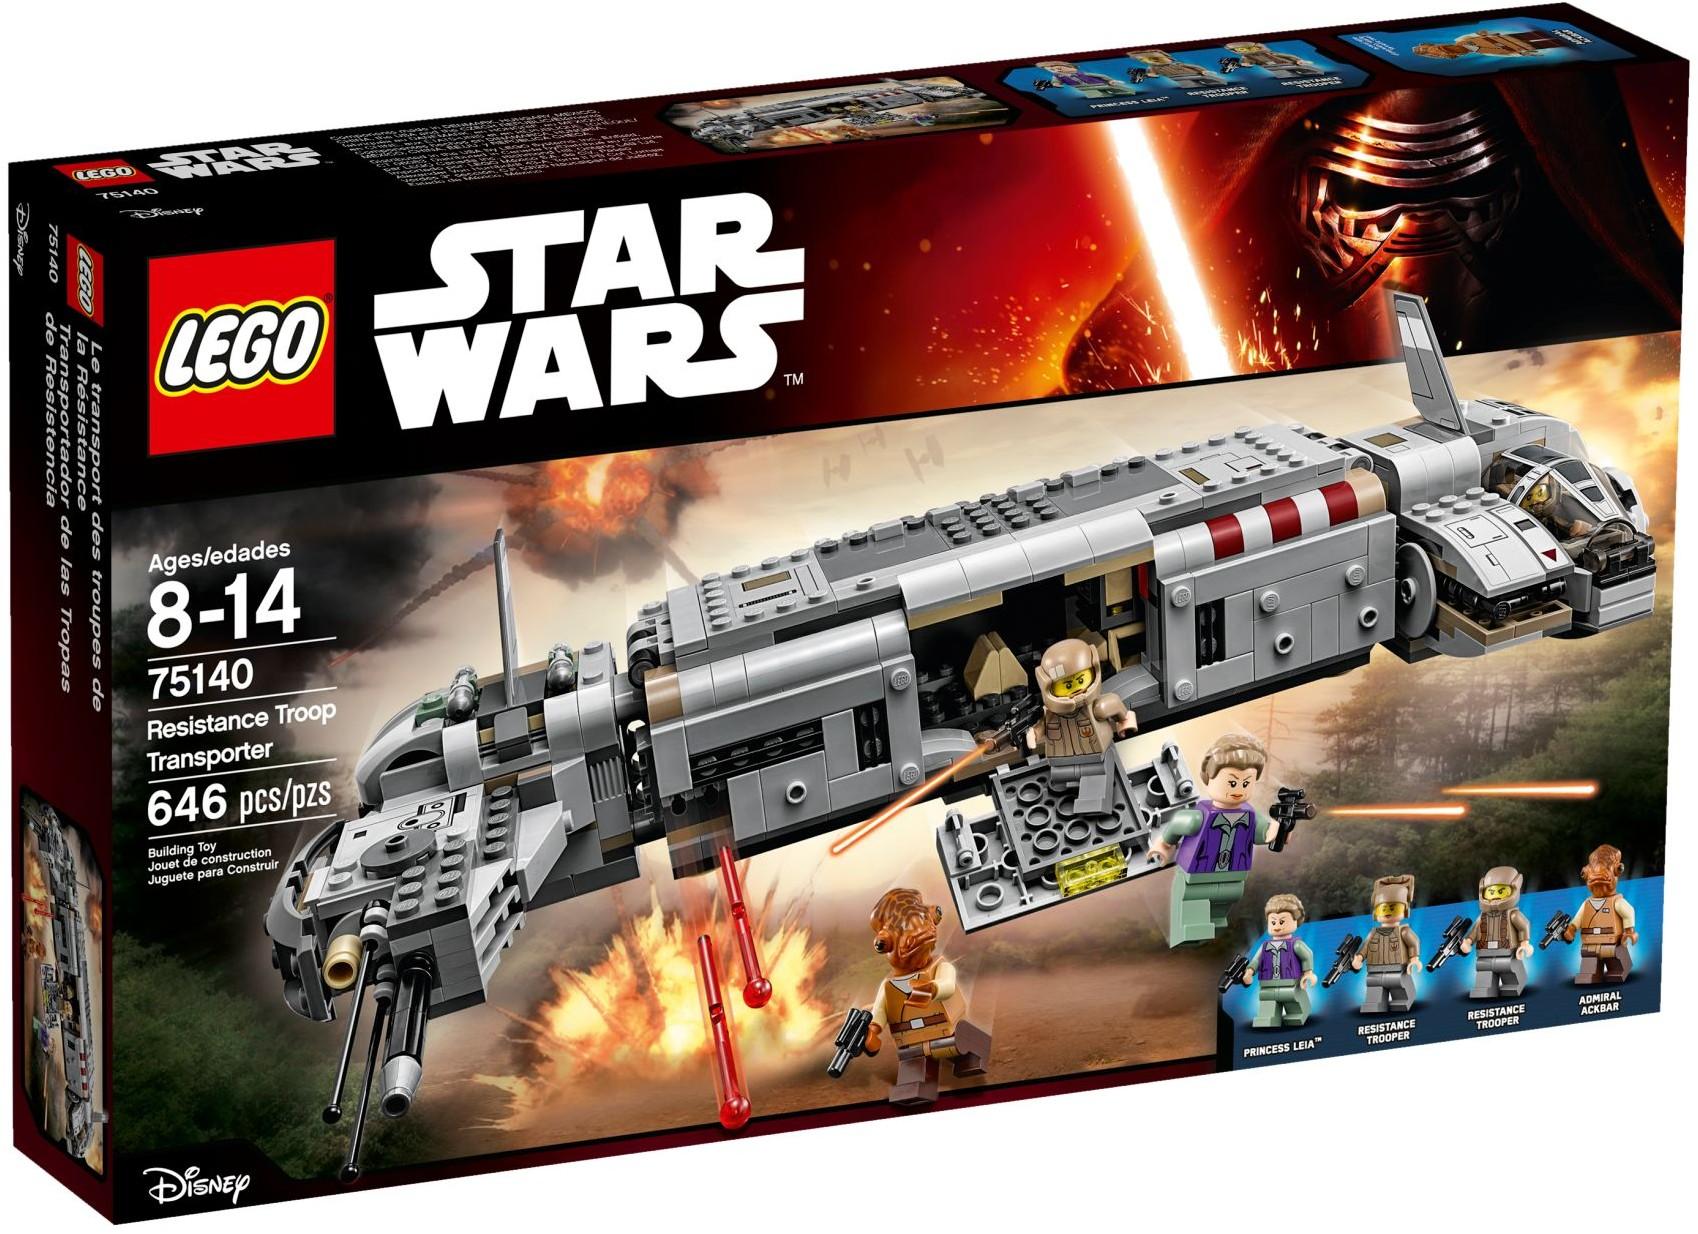 LEGO 75140 - Star Wars - Resistance Troop Transporter